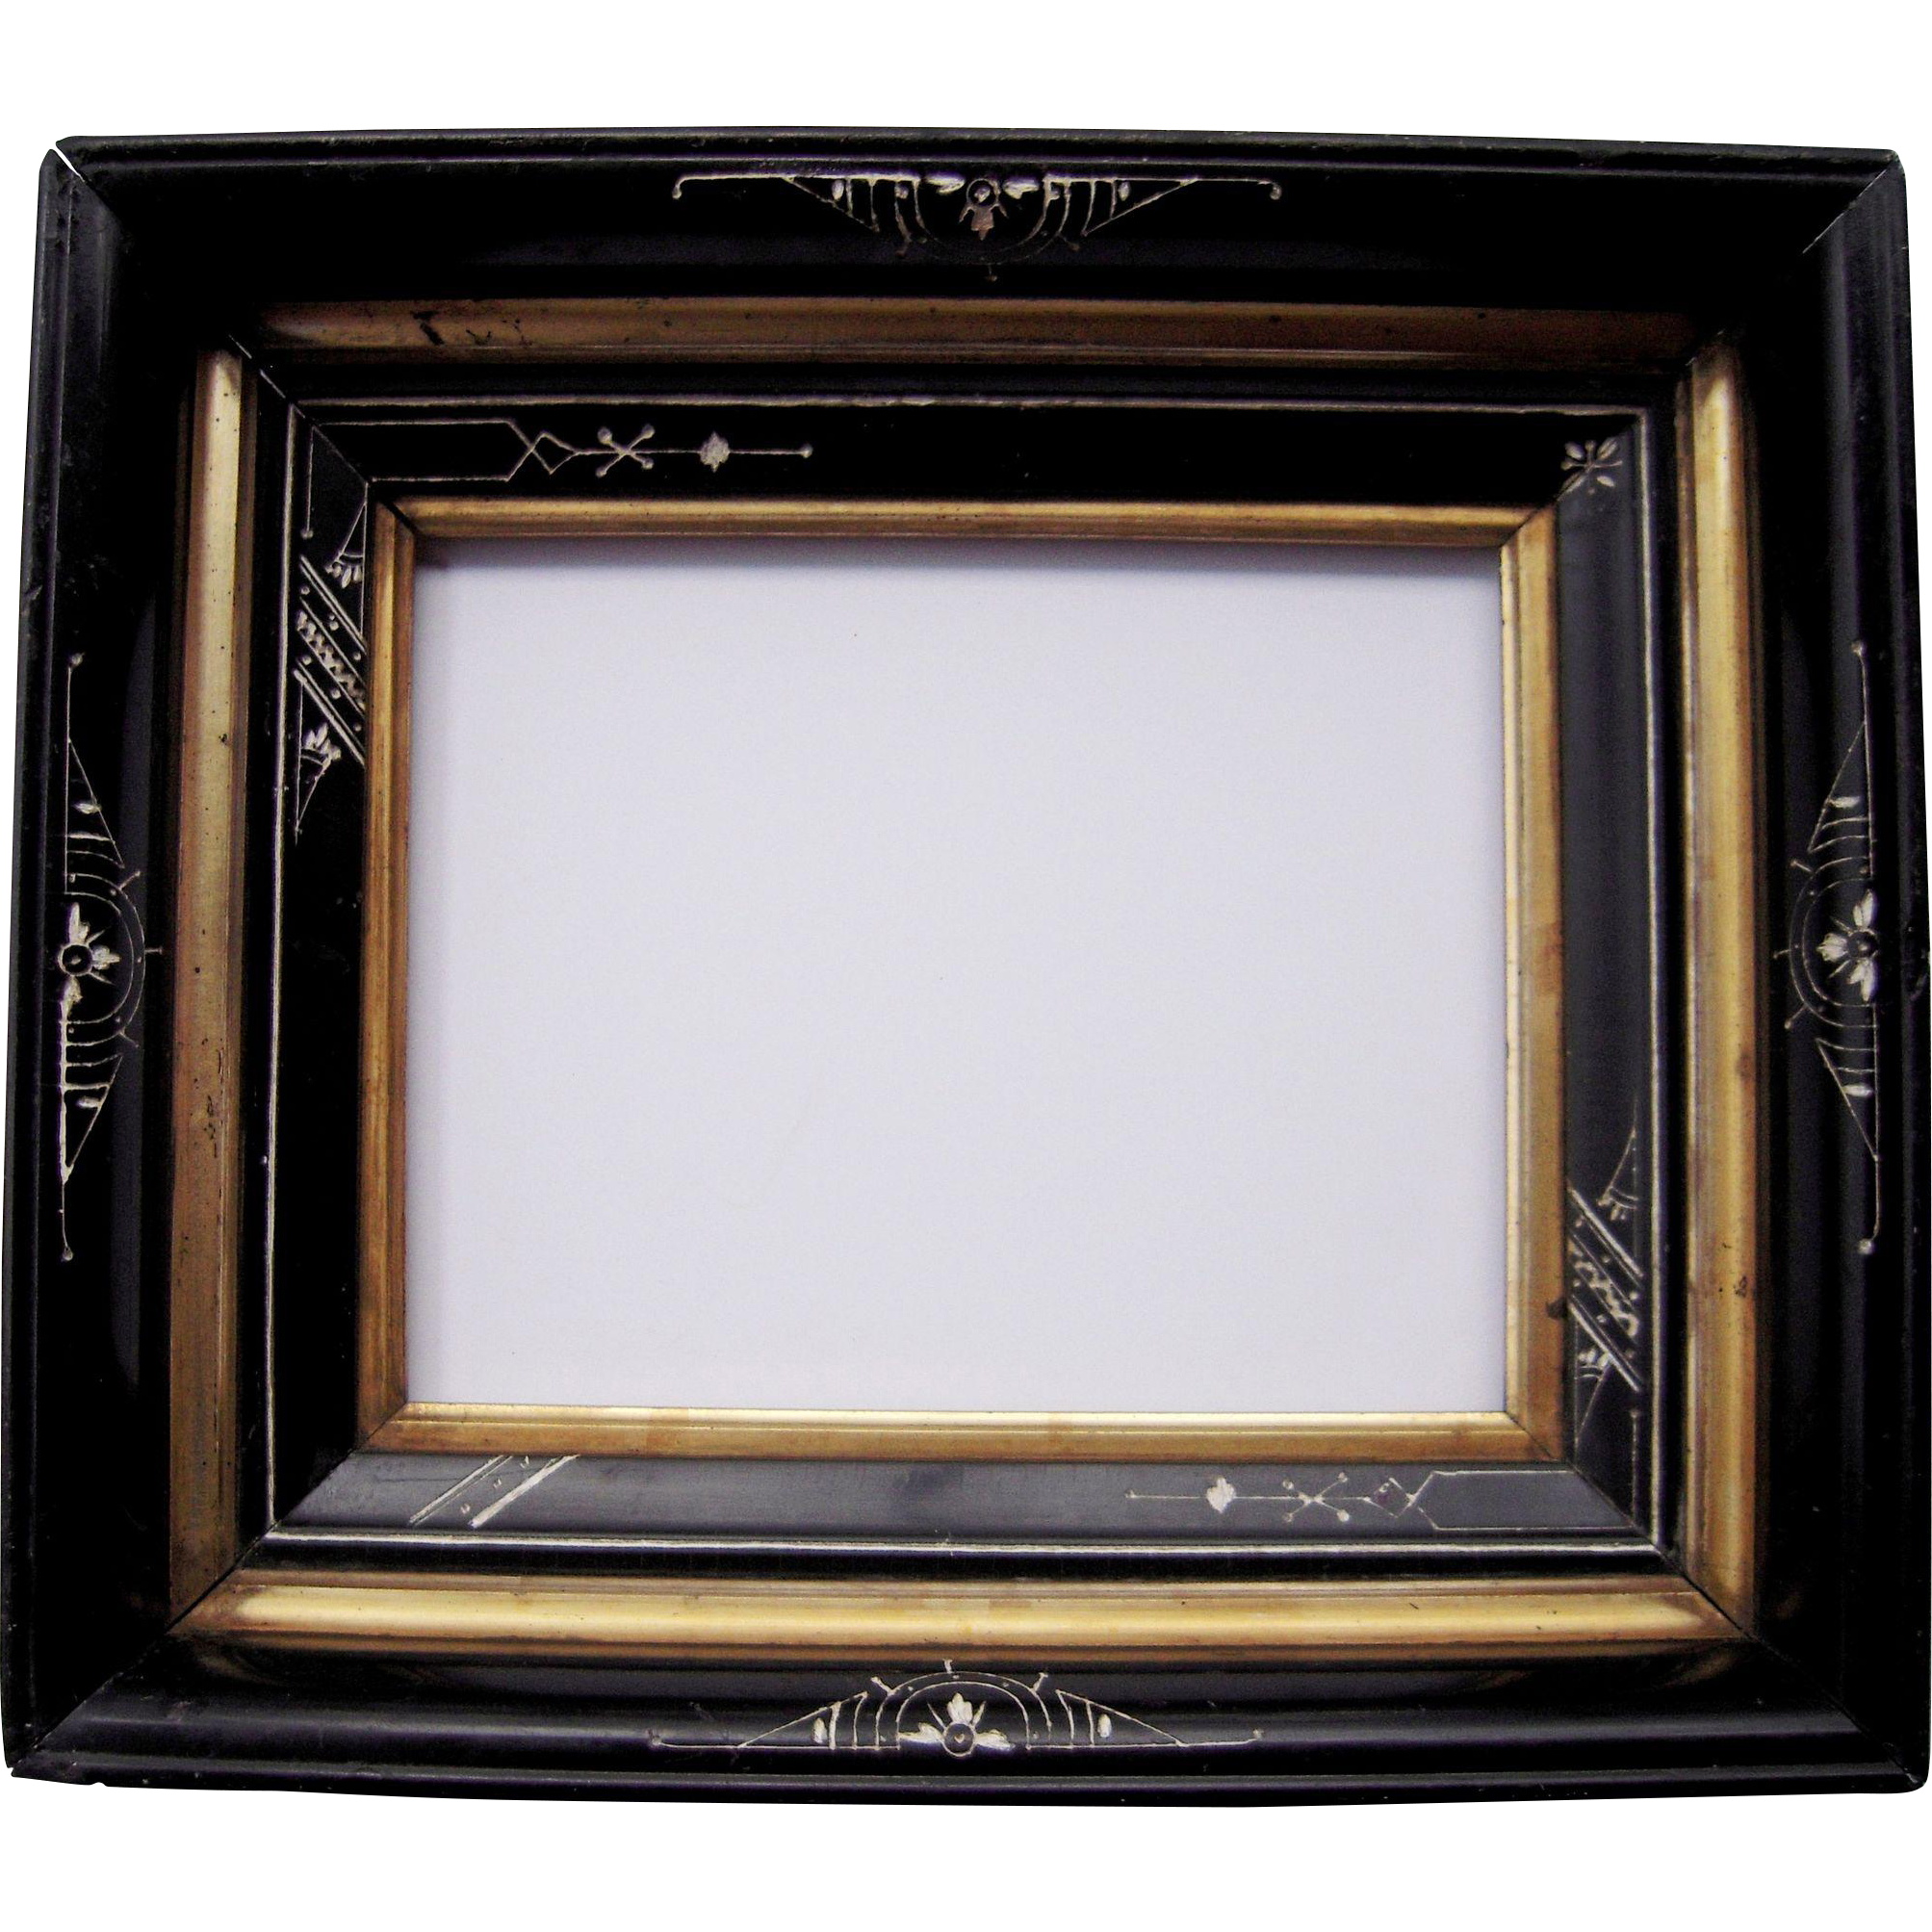 deep ebonized black eastlake picture frame 8 x 10 from bluesprucerugsandantiques on ruby lane. Black Bedroom Furniture Sets. Home Design Ideas